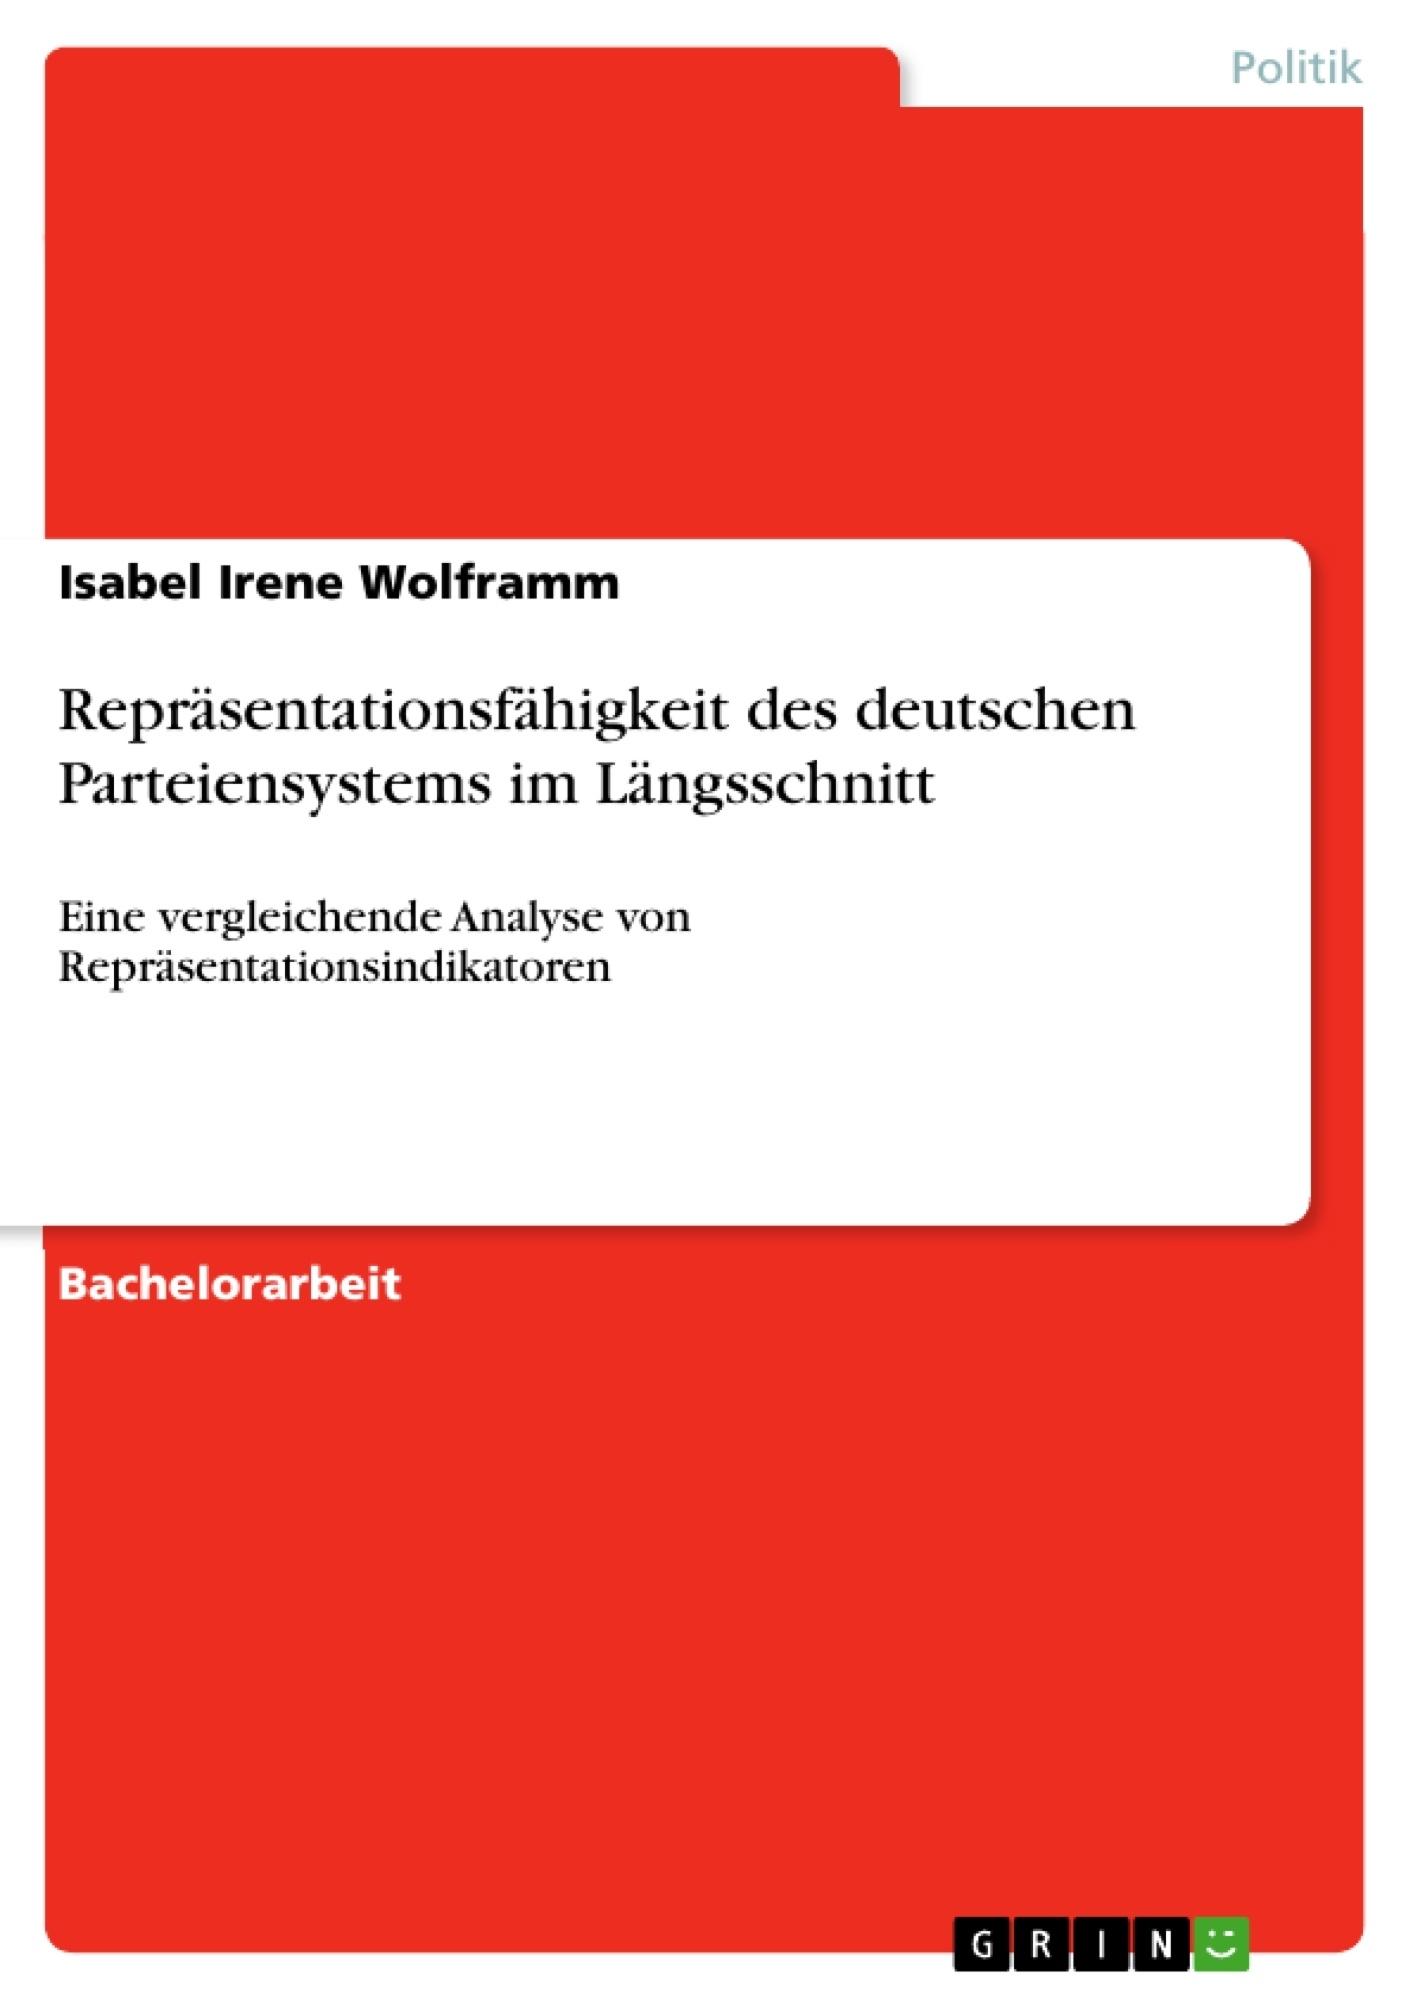 Titel: Repräsentationsfähigkeit des deutschen Parteiensystems im Längsschnitt